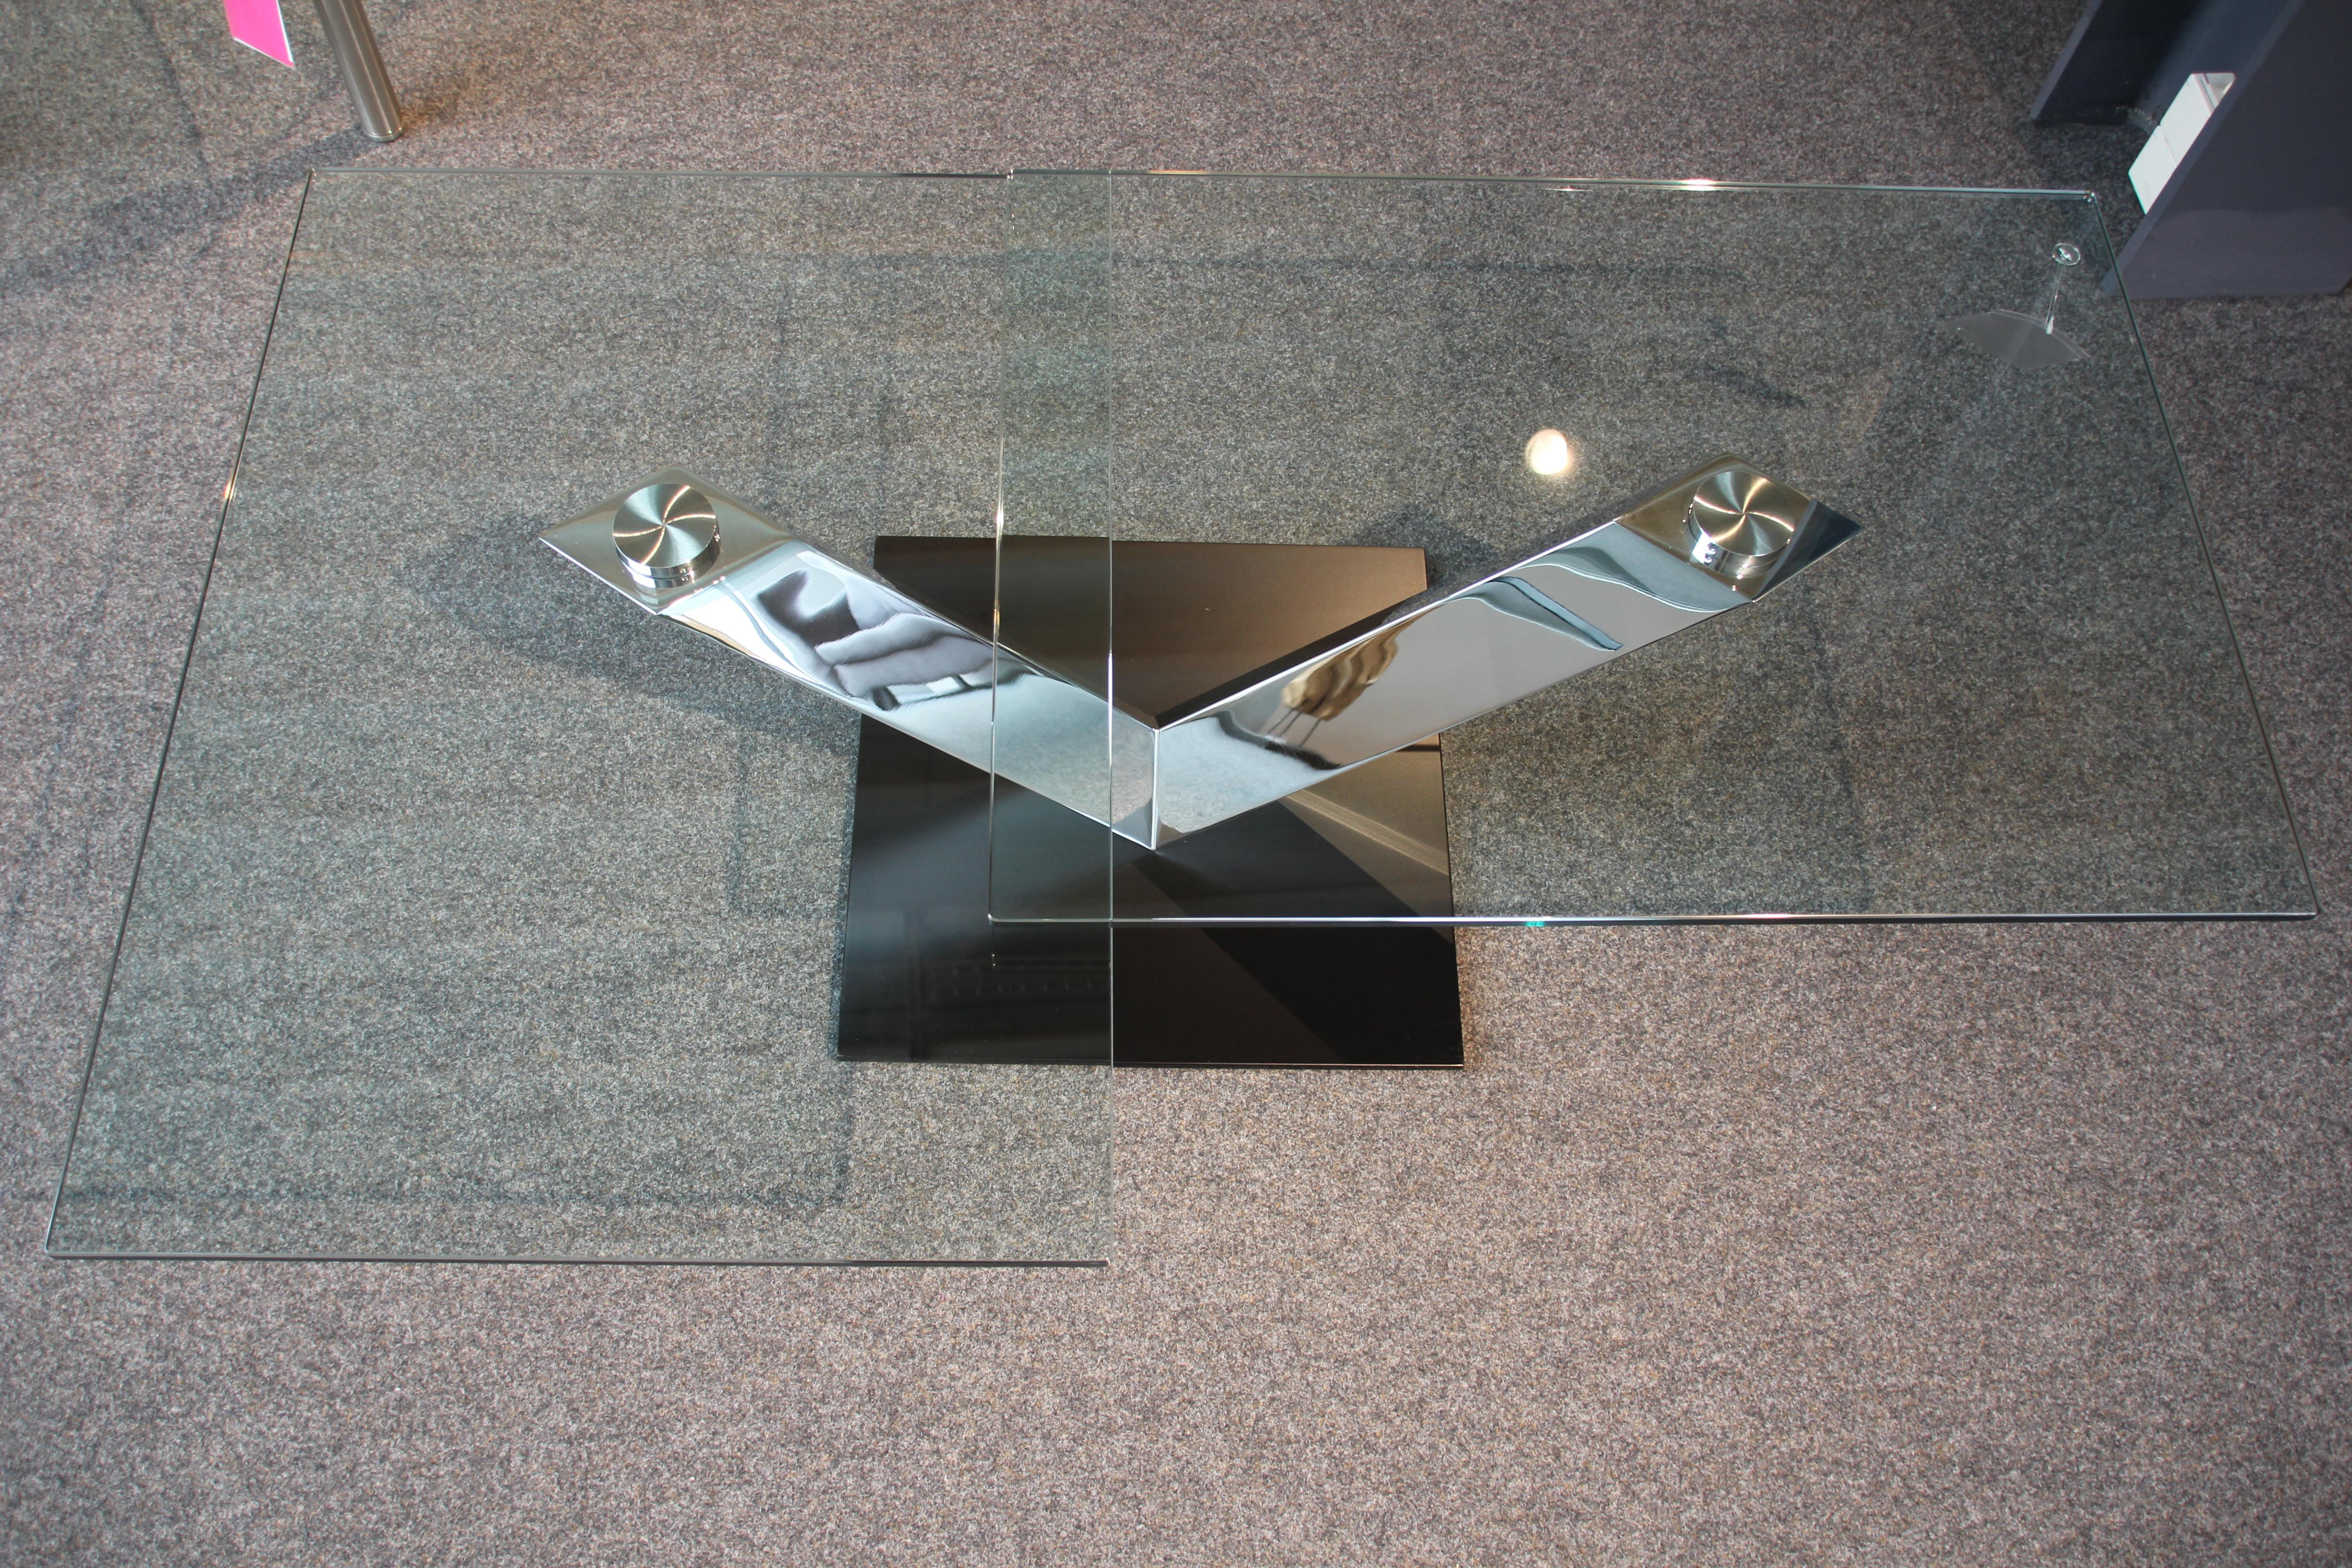 Couchtisch WK 843 ausstellungsstueck schatz schoener wohnen tuttlingen